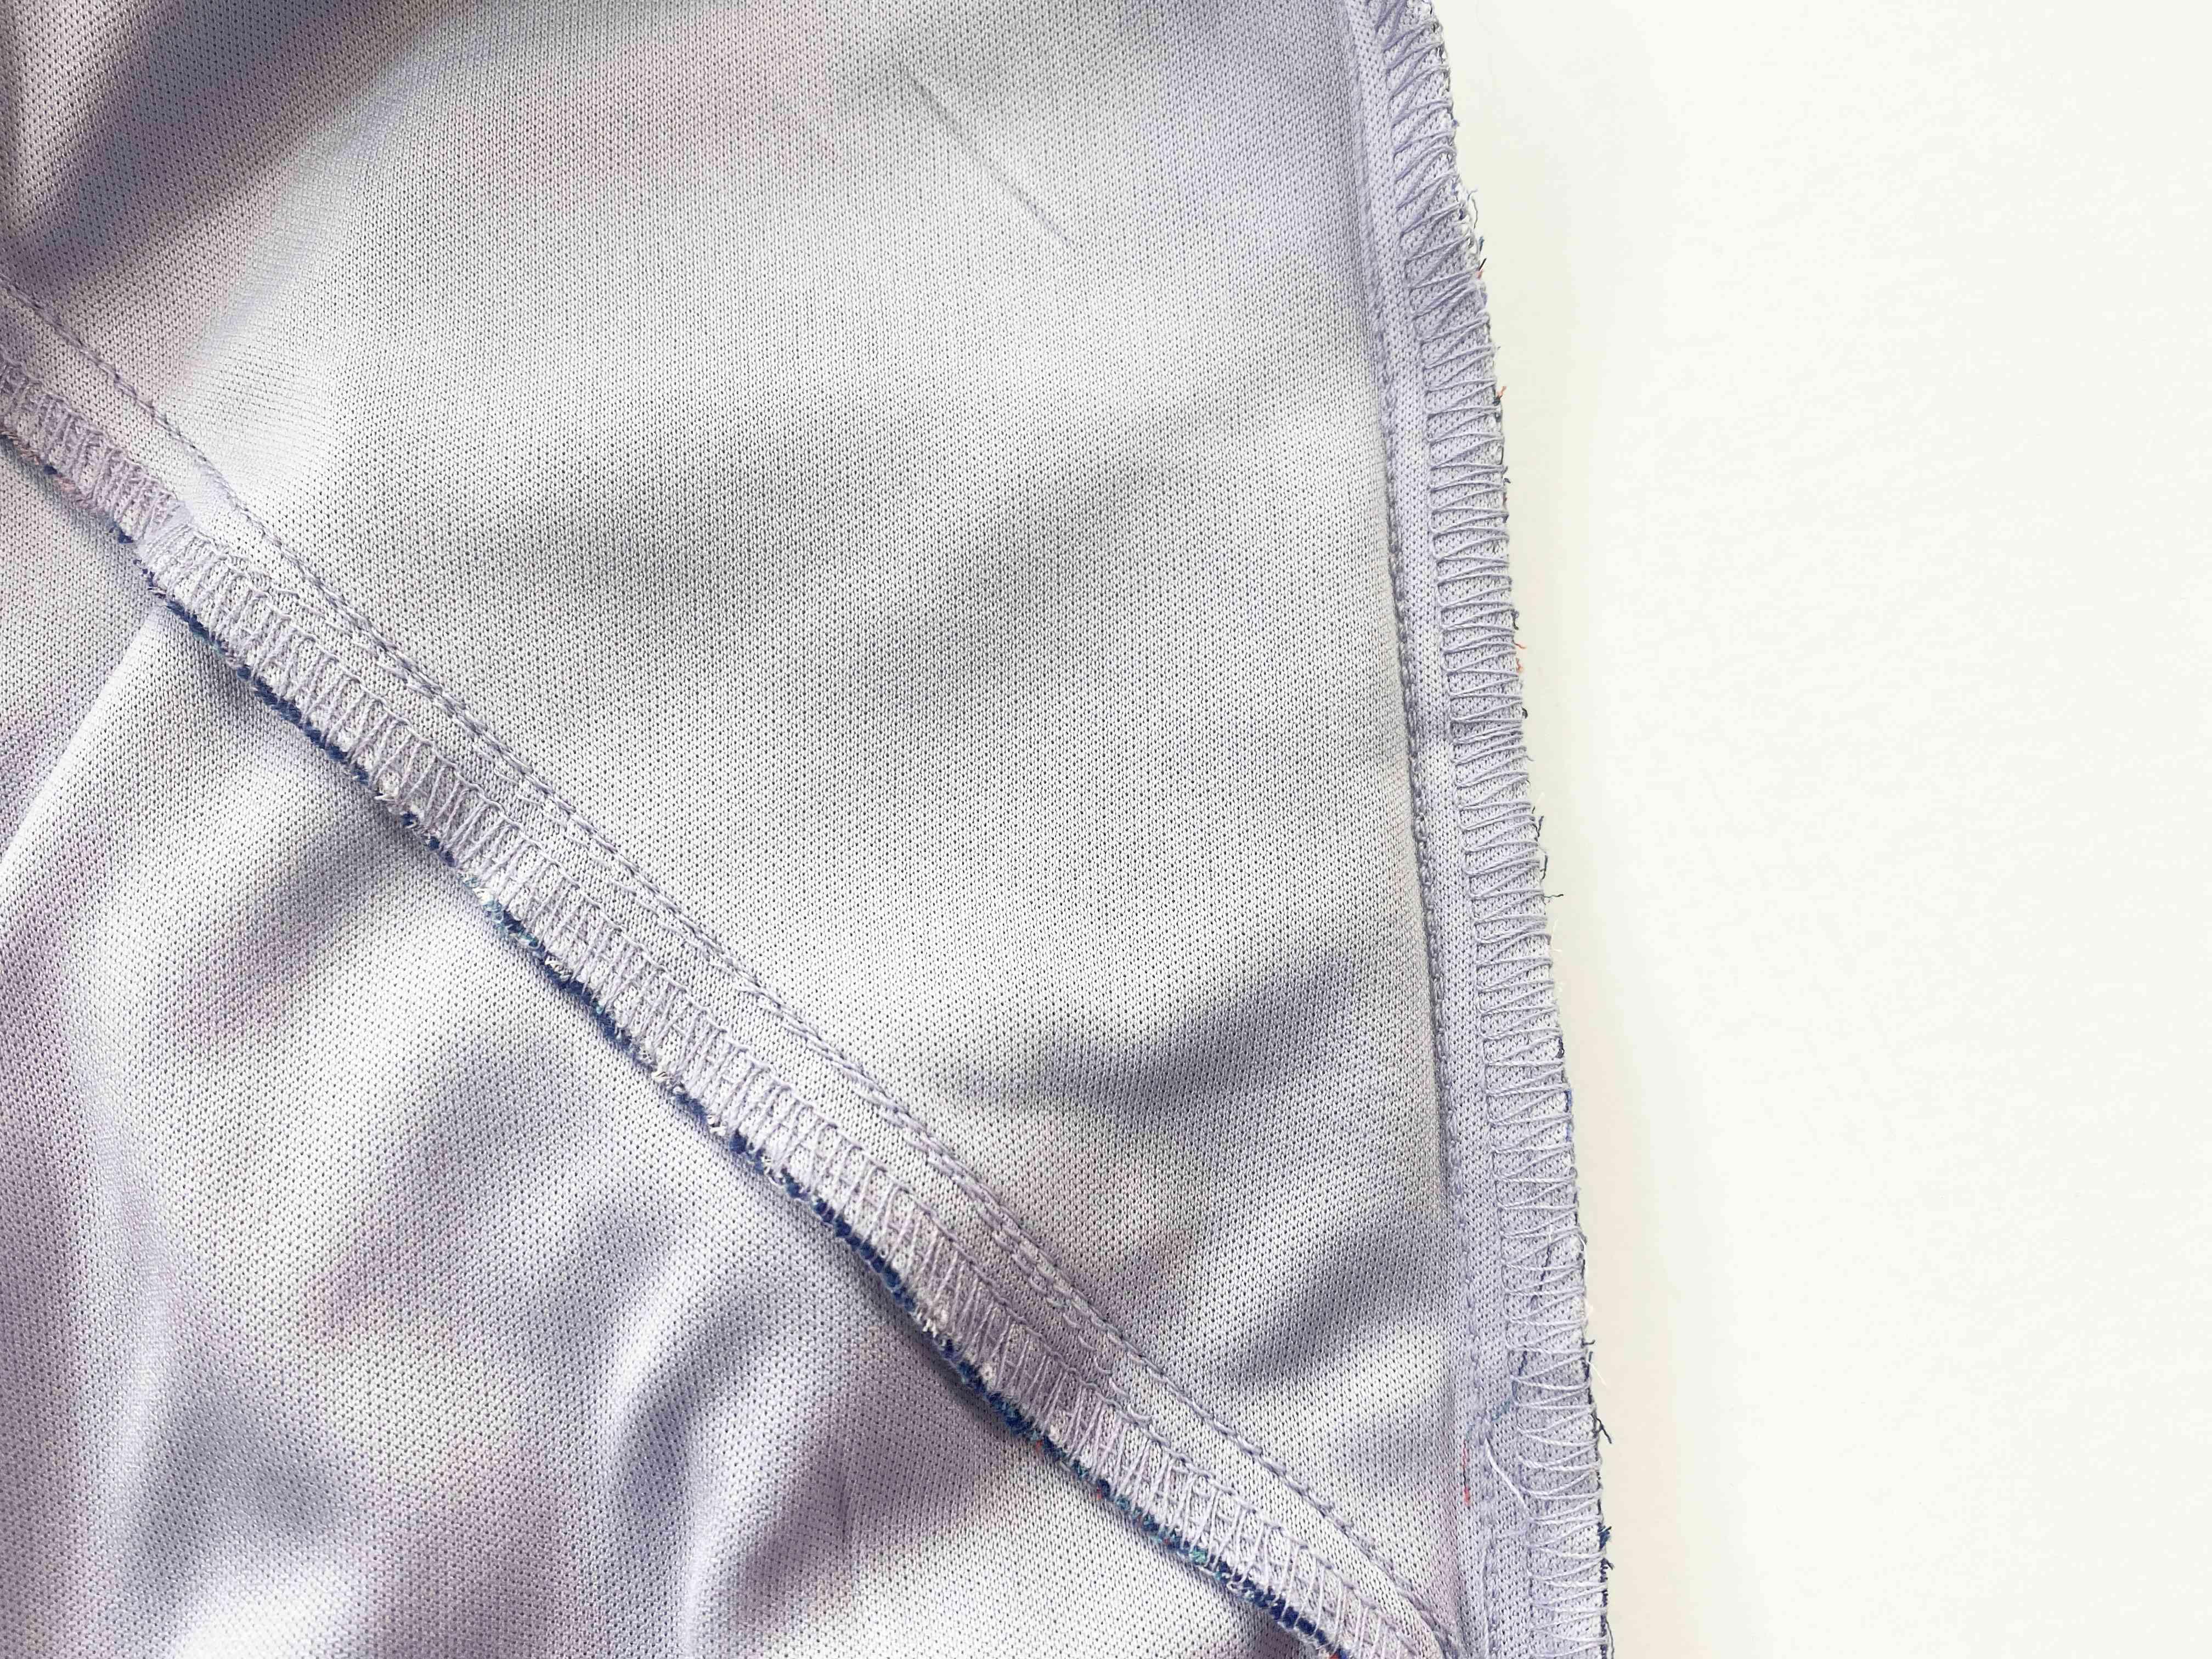 Close-up of a dress seam